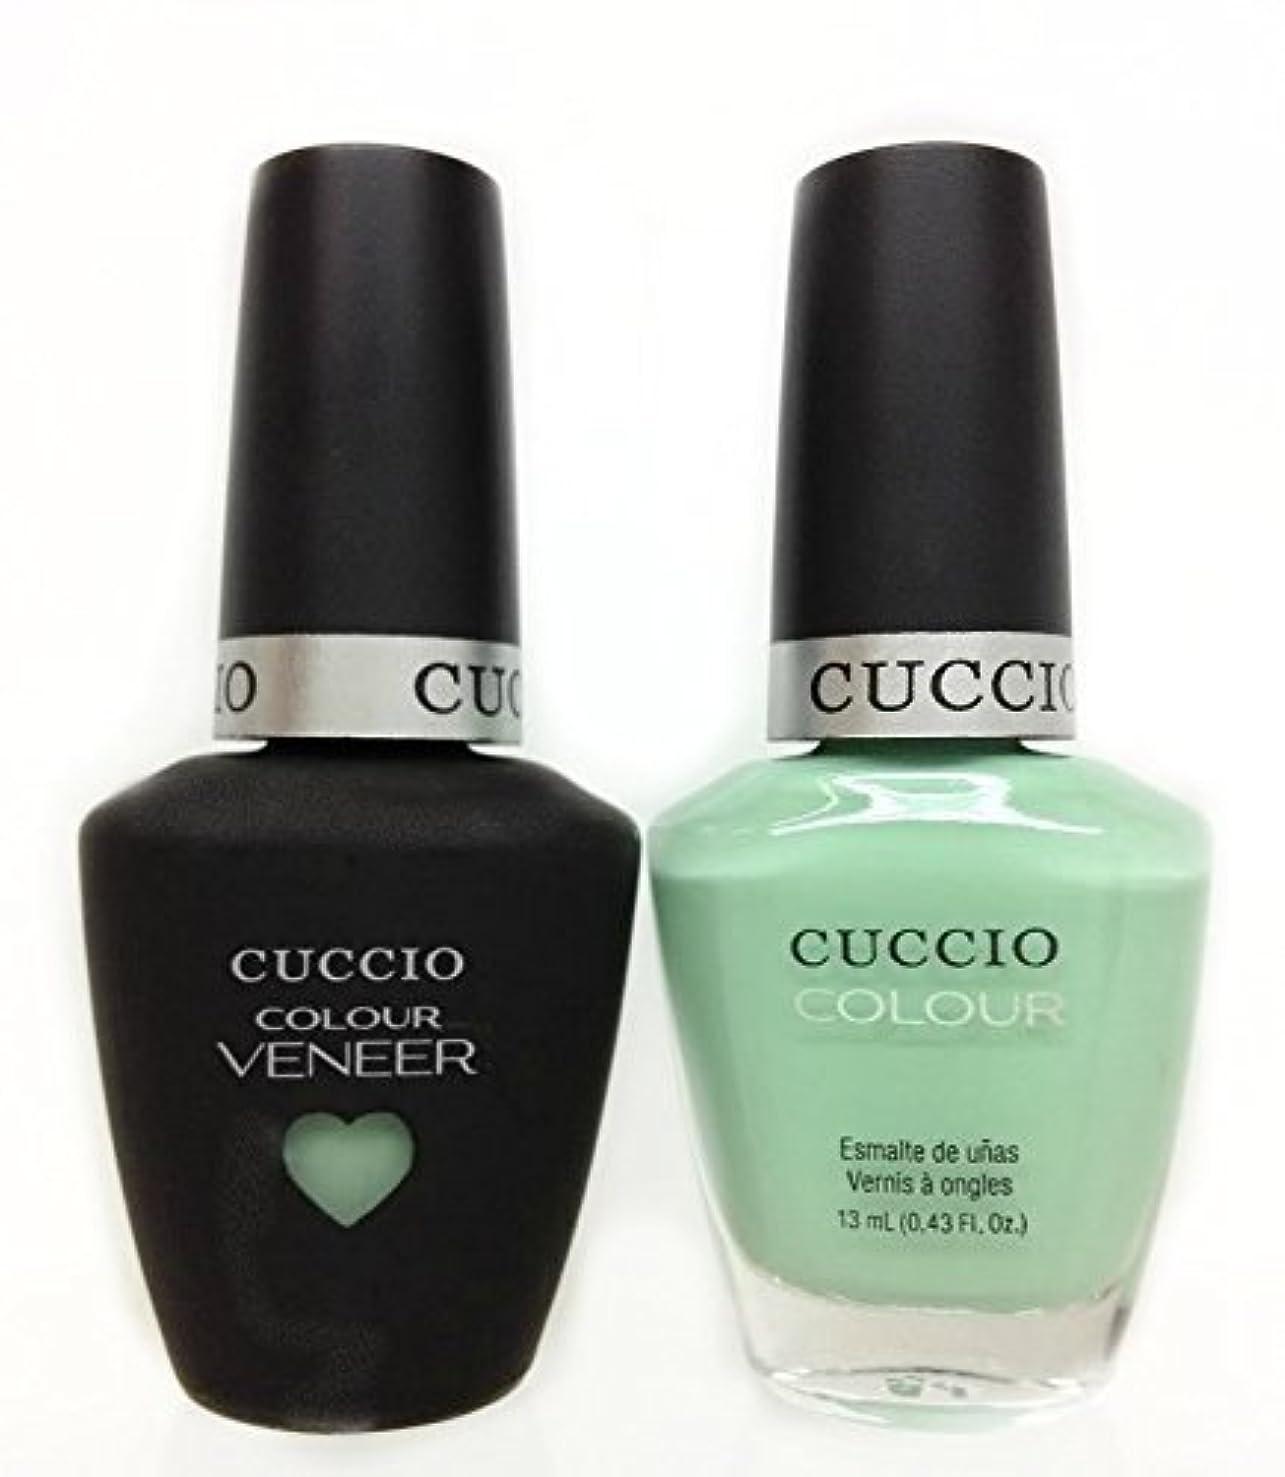 電話に出る観光に行く器具Cuccio MatchMakers Veneer & Lacquer - Mint Condition - 0.43oz / 13ml Each